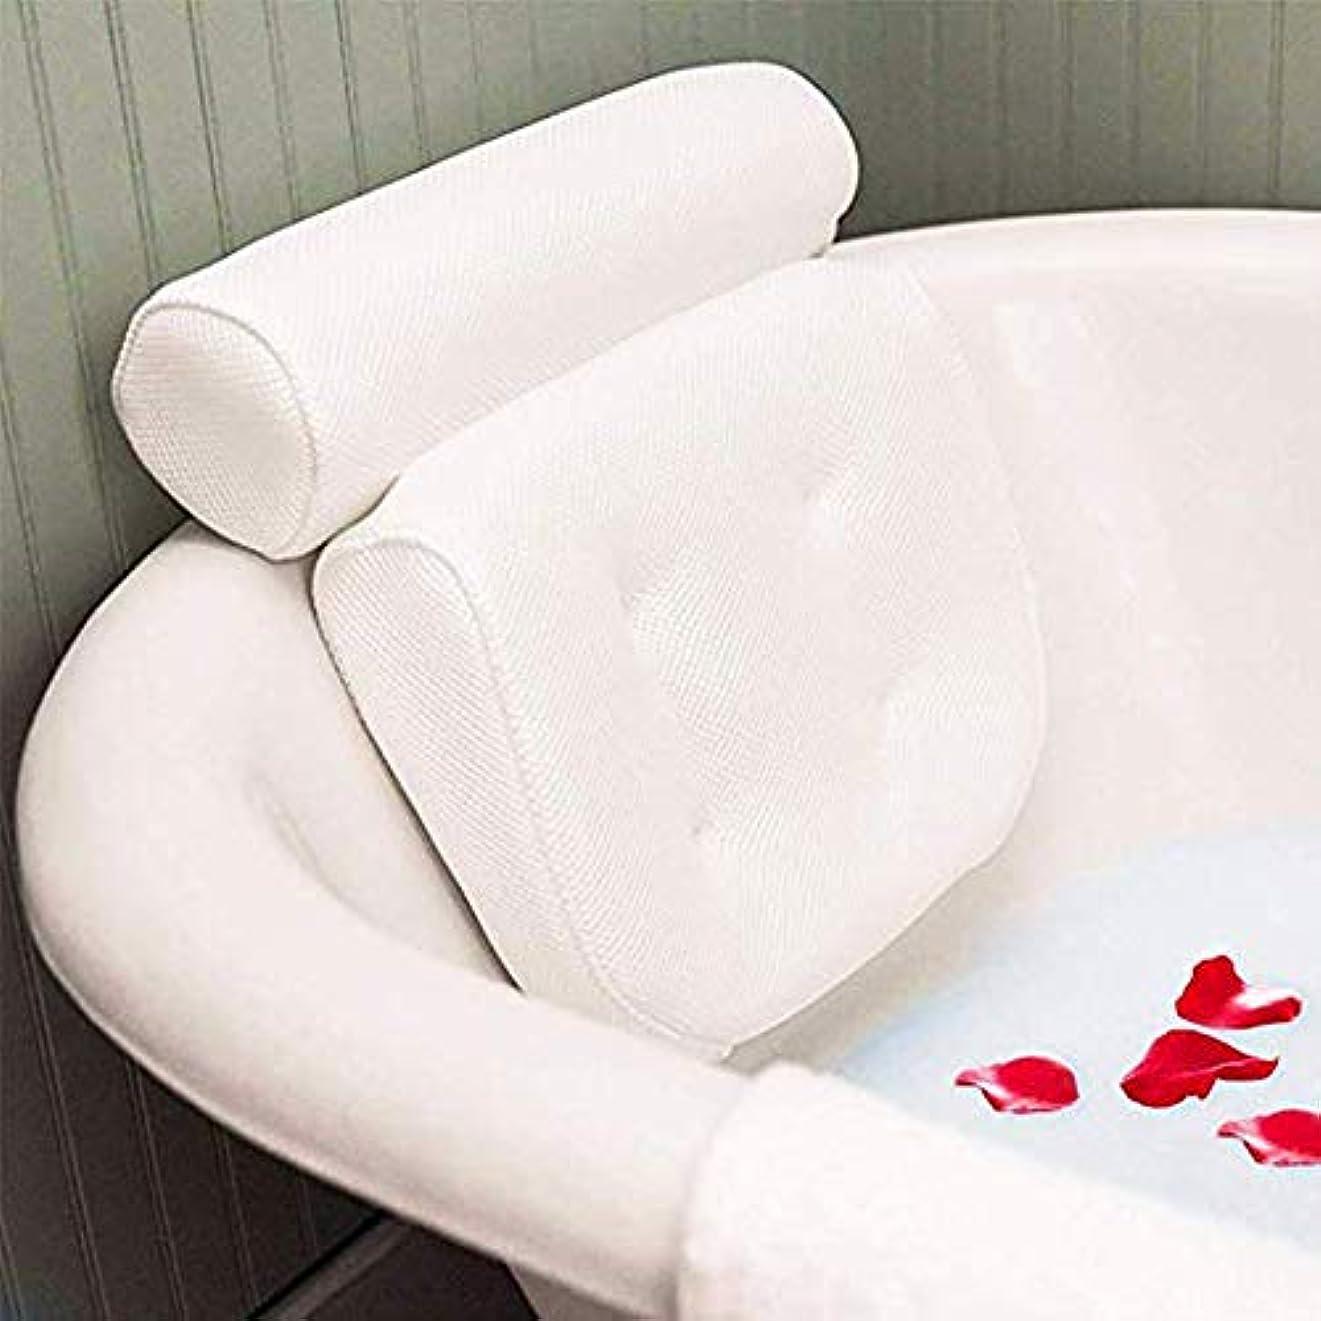 すき積分窓頭、首、肩と背中のサポートが付いている浴槽スパ枕、滑り止め4大型サクションカップはどんな浴槽にもフィットし、抗菌性です。,White